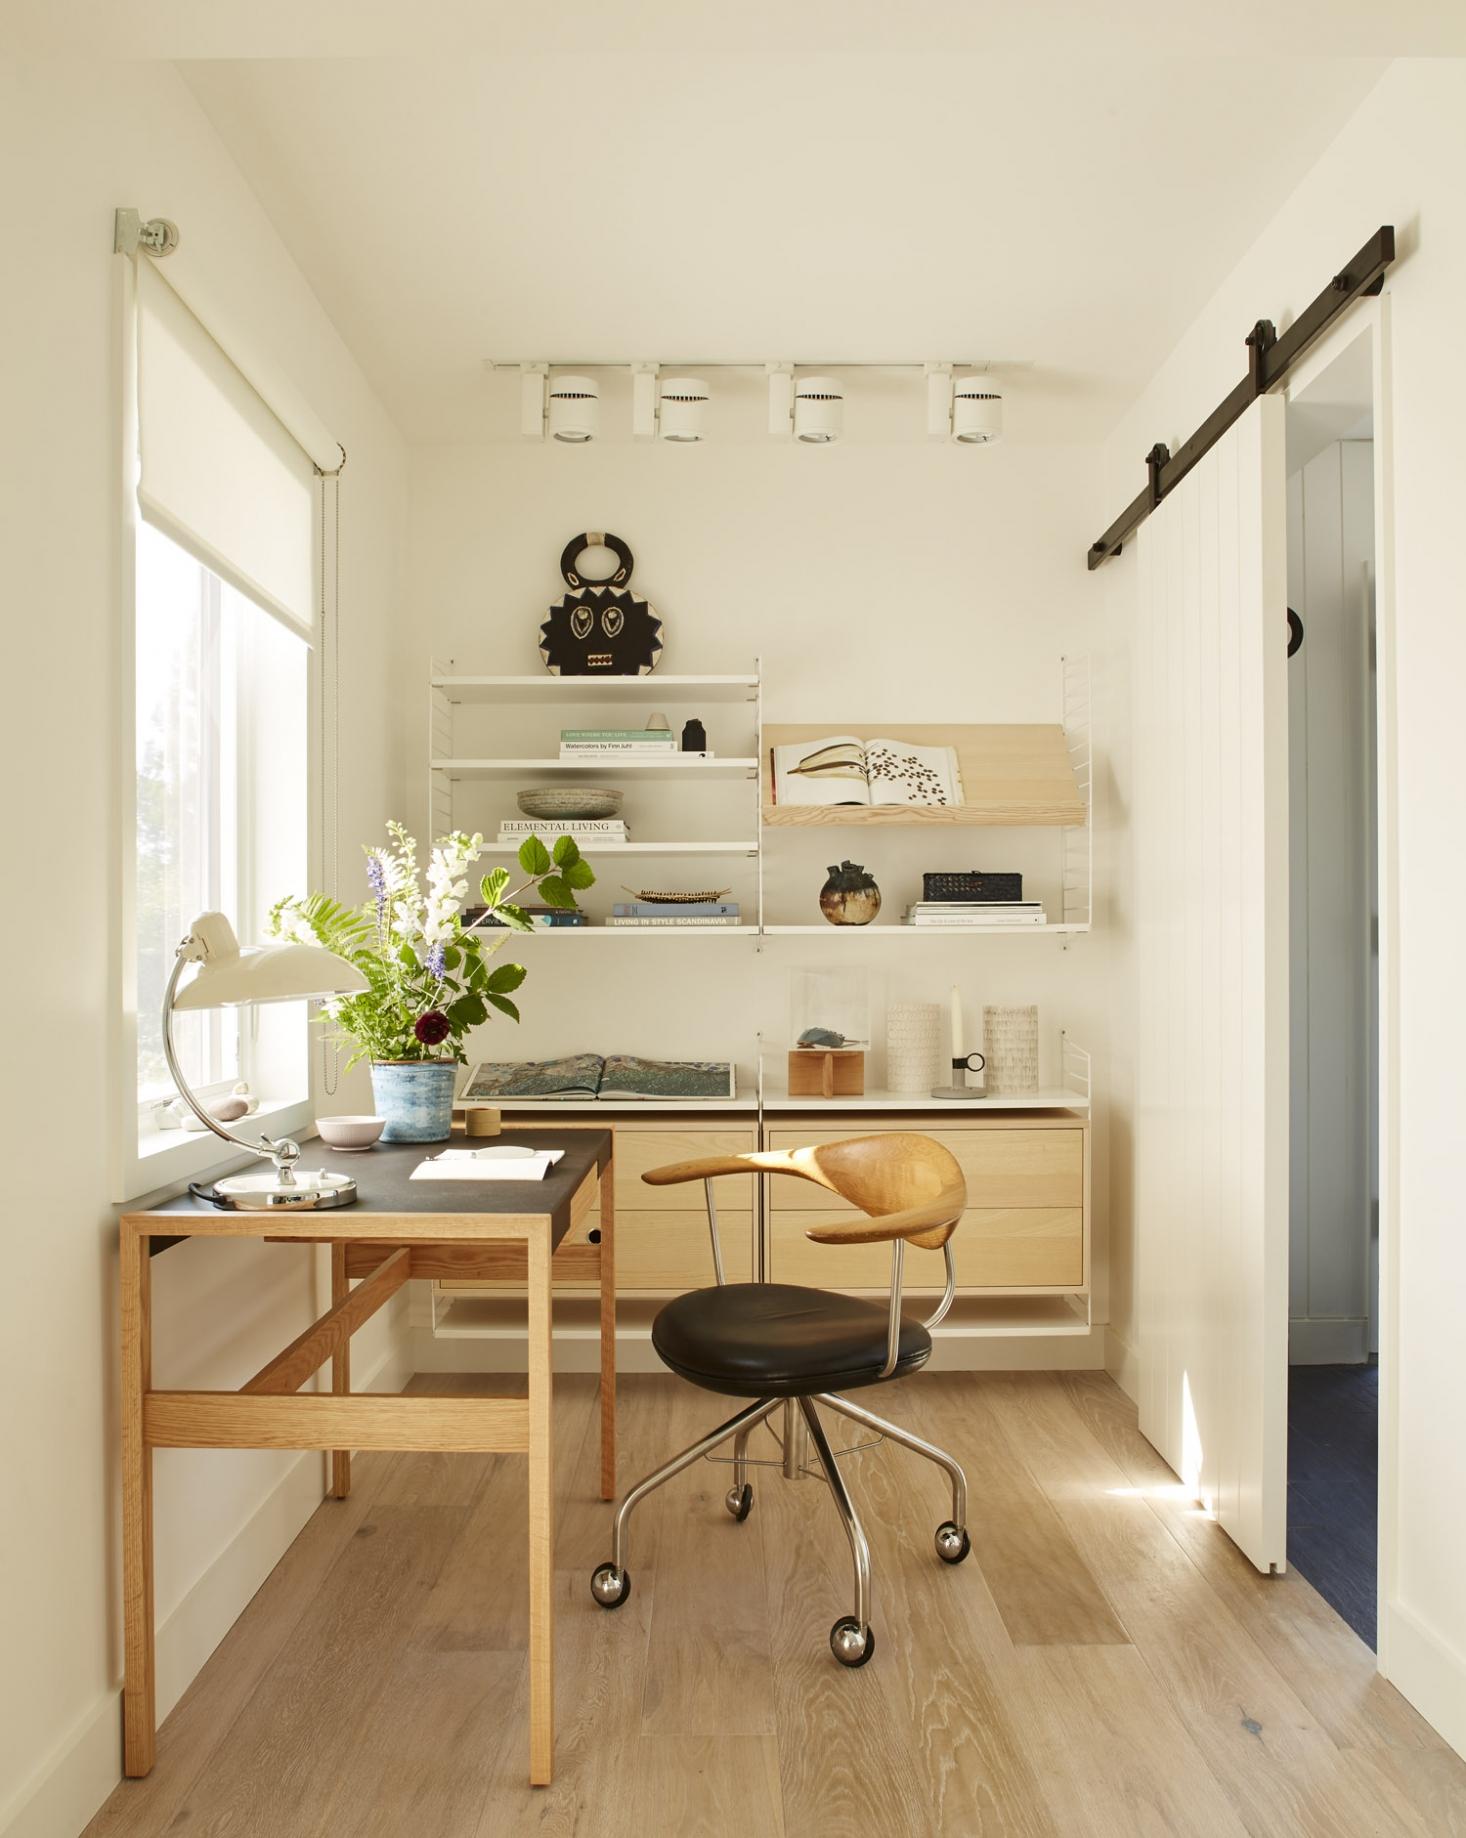 chilmark-cottage-office-nook-barn-door-1466x1838.jpg